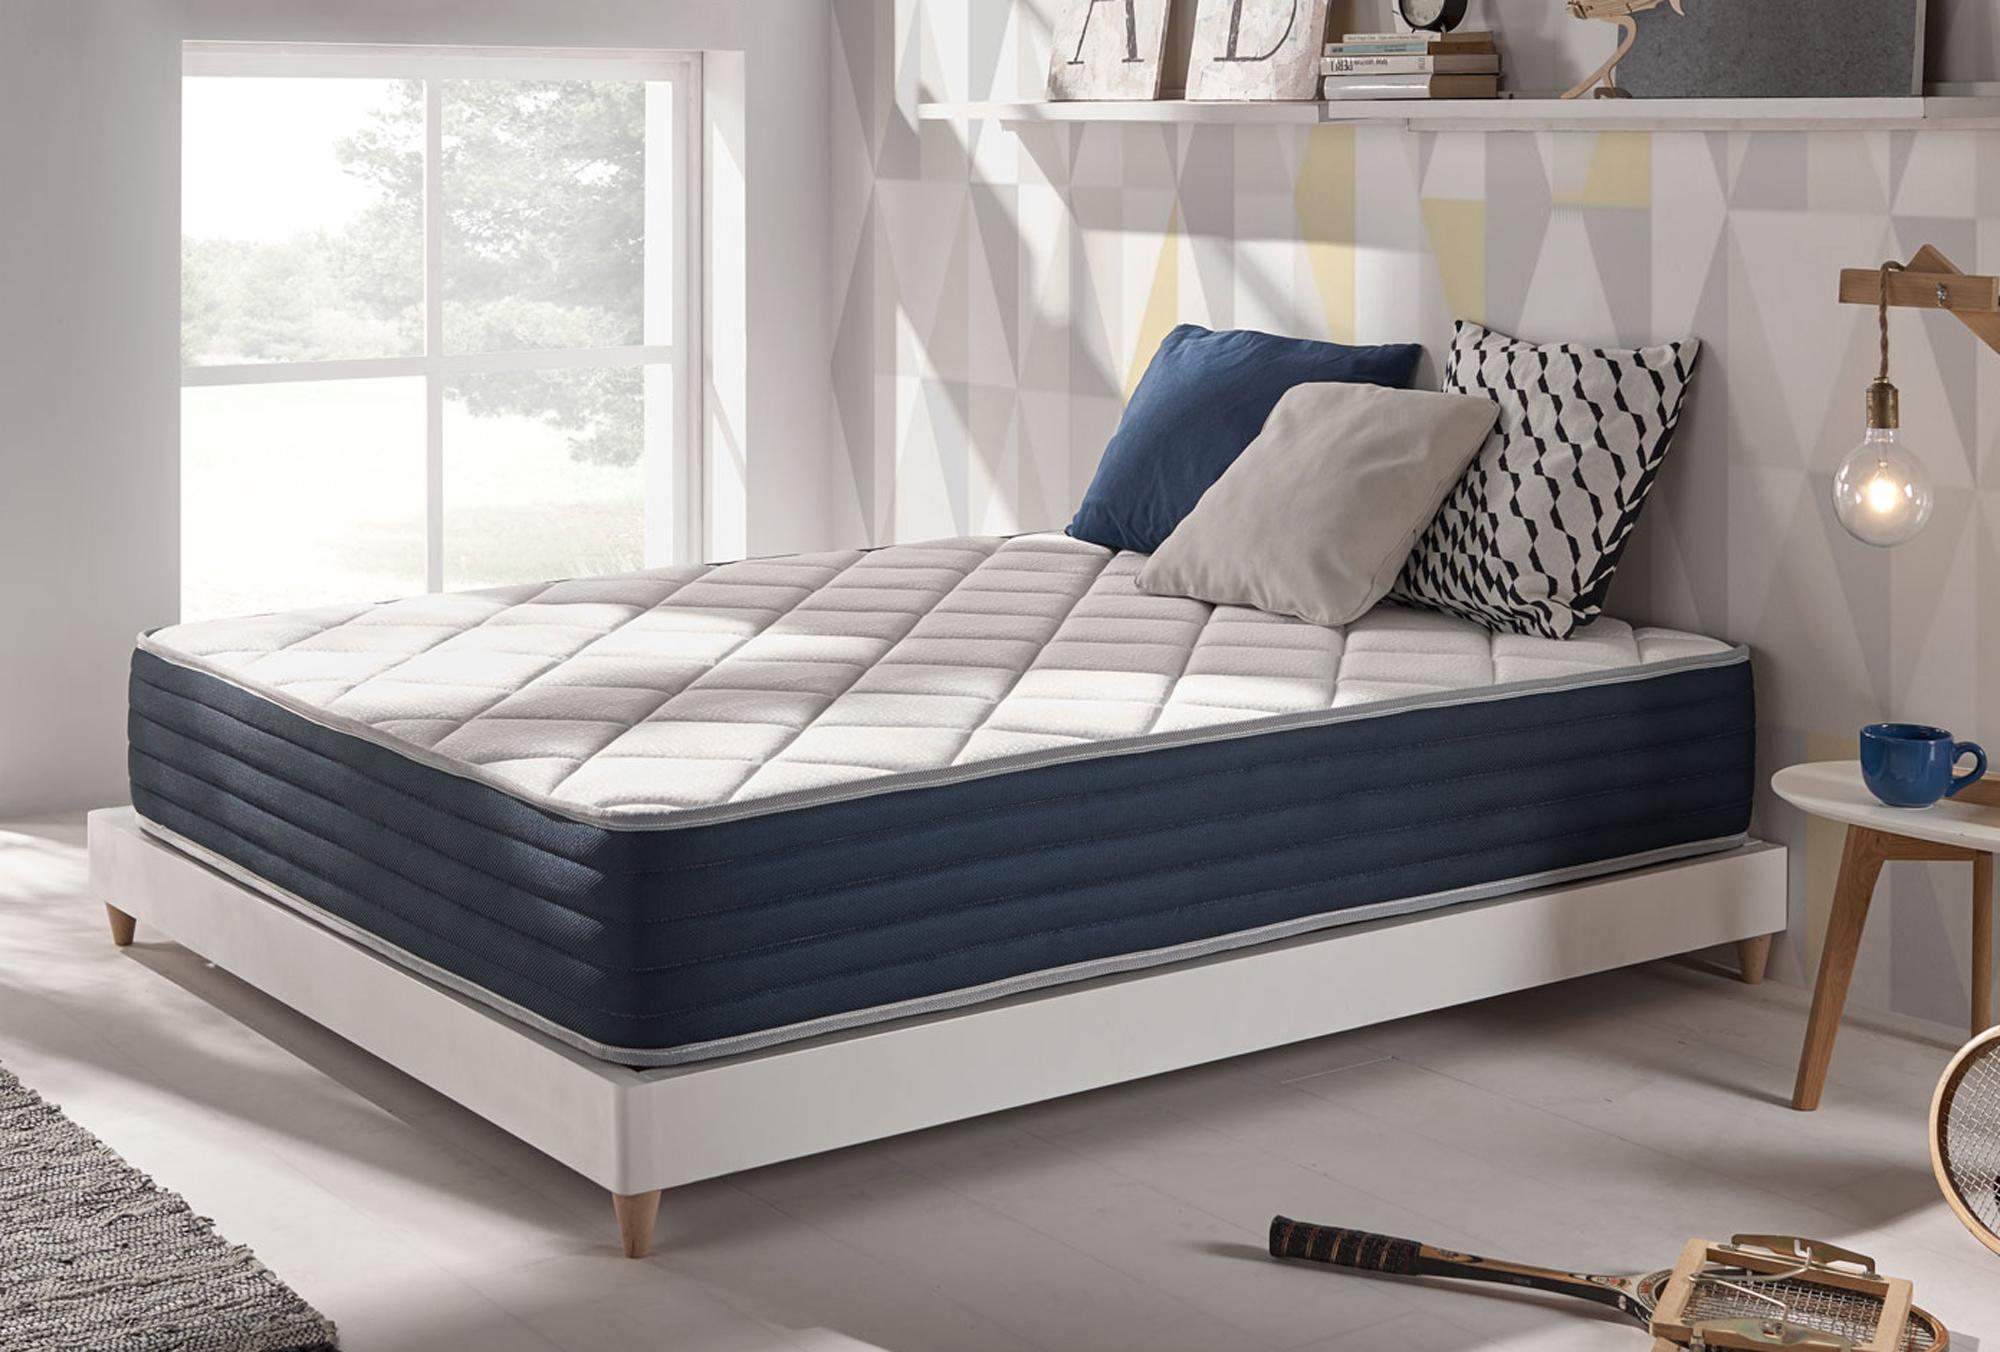 naturalex avis cliquer ici pour trouver les produits les plus appr ci s par nos clients. Black Bedroom Furniture Sets. Home Design Ideas